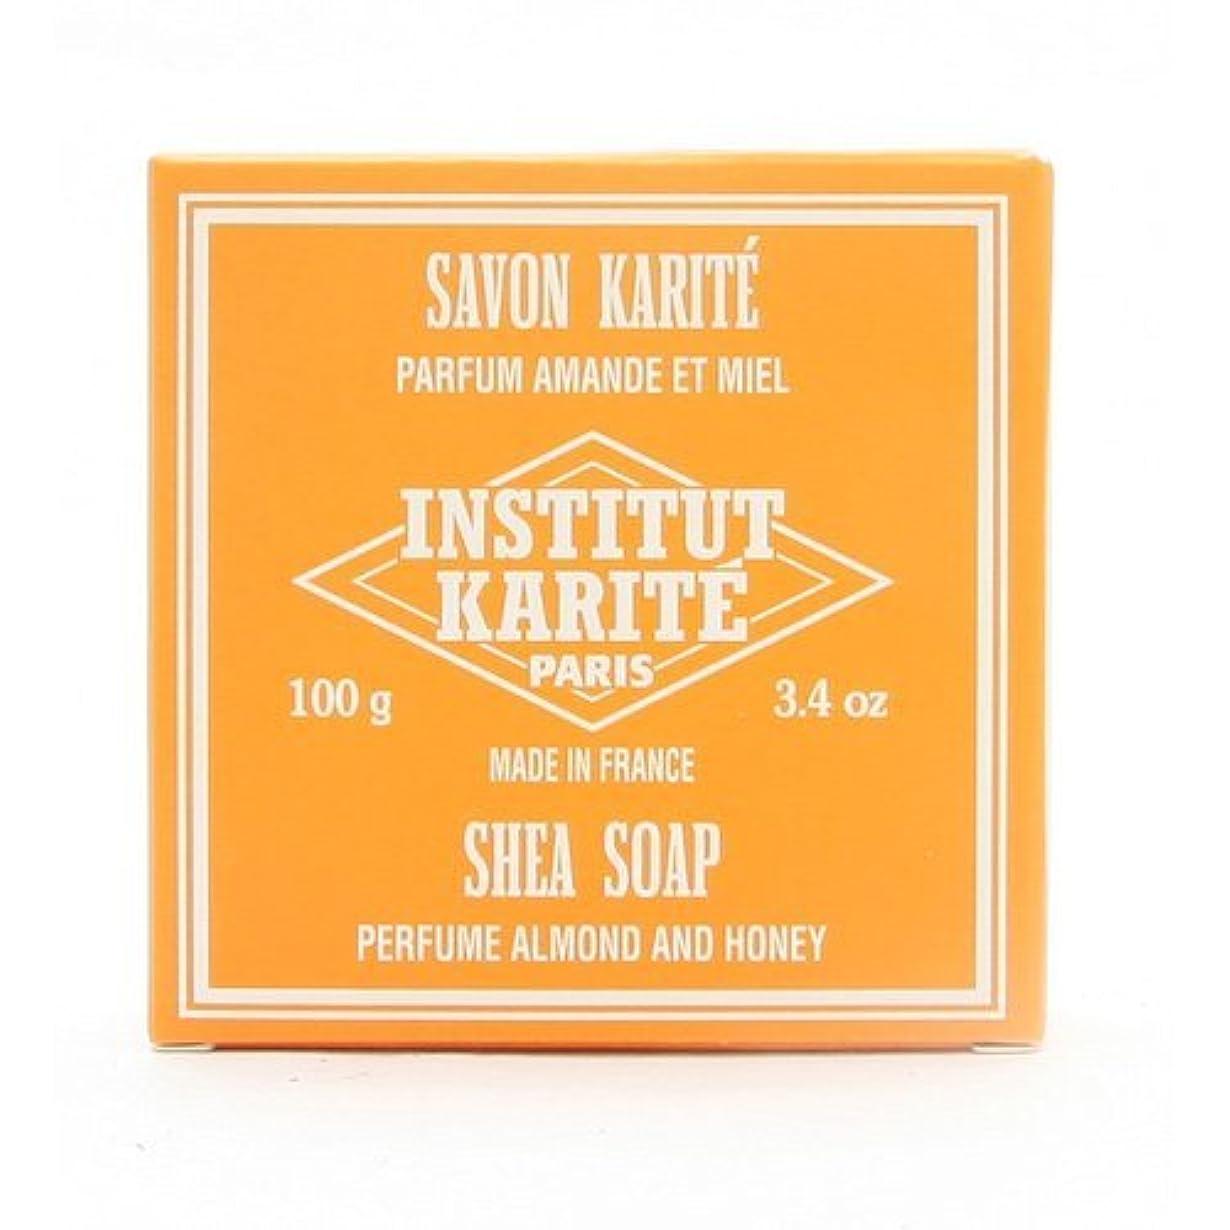 スポンジ金銭的なに対処するINSTITUT KARITE インスティテュート カリテ 25% Extra Gentle Soap ジェントルソープ 100g Almond Honey アーモンドハニー